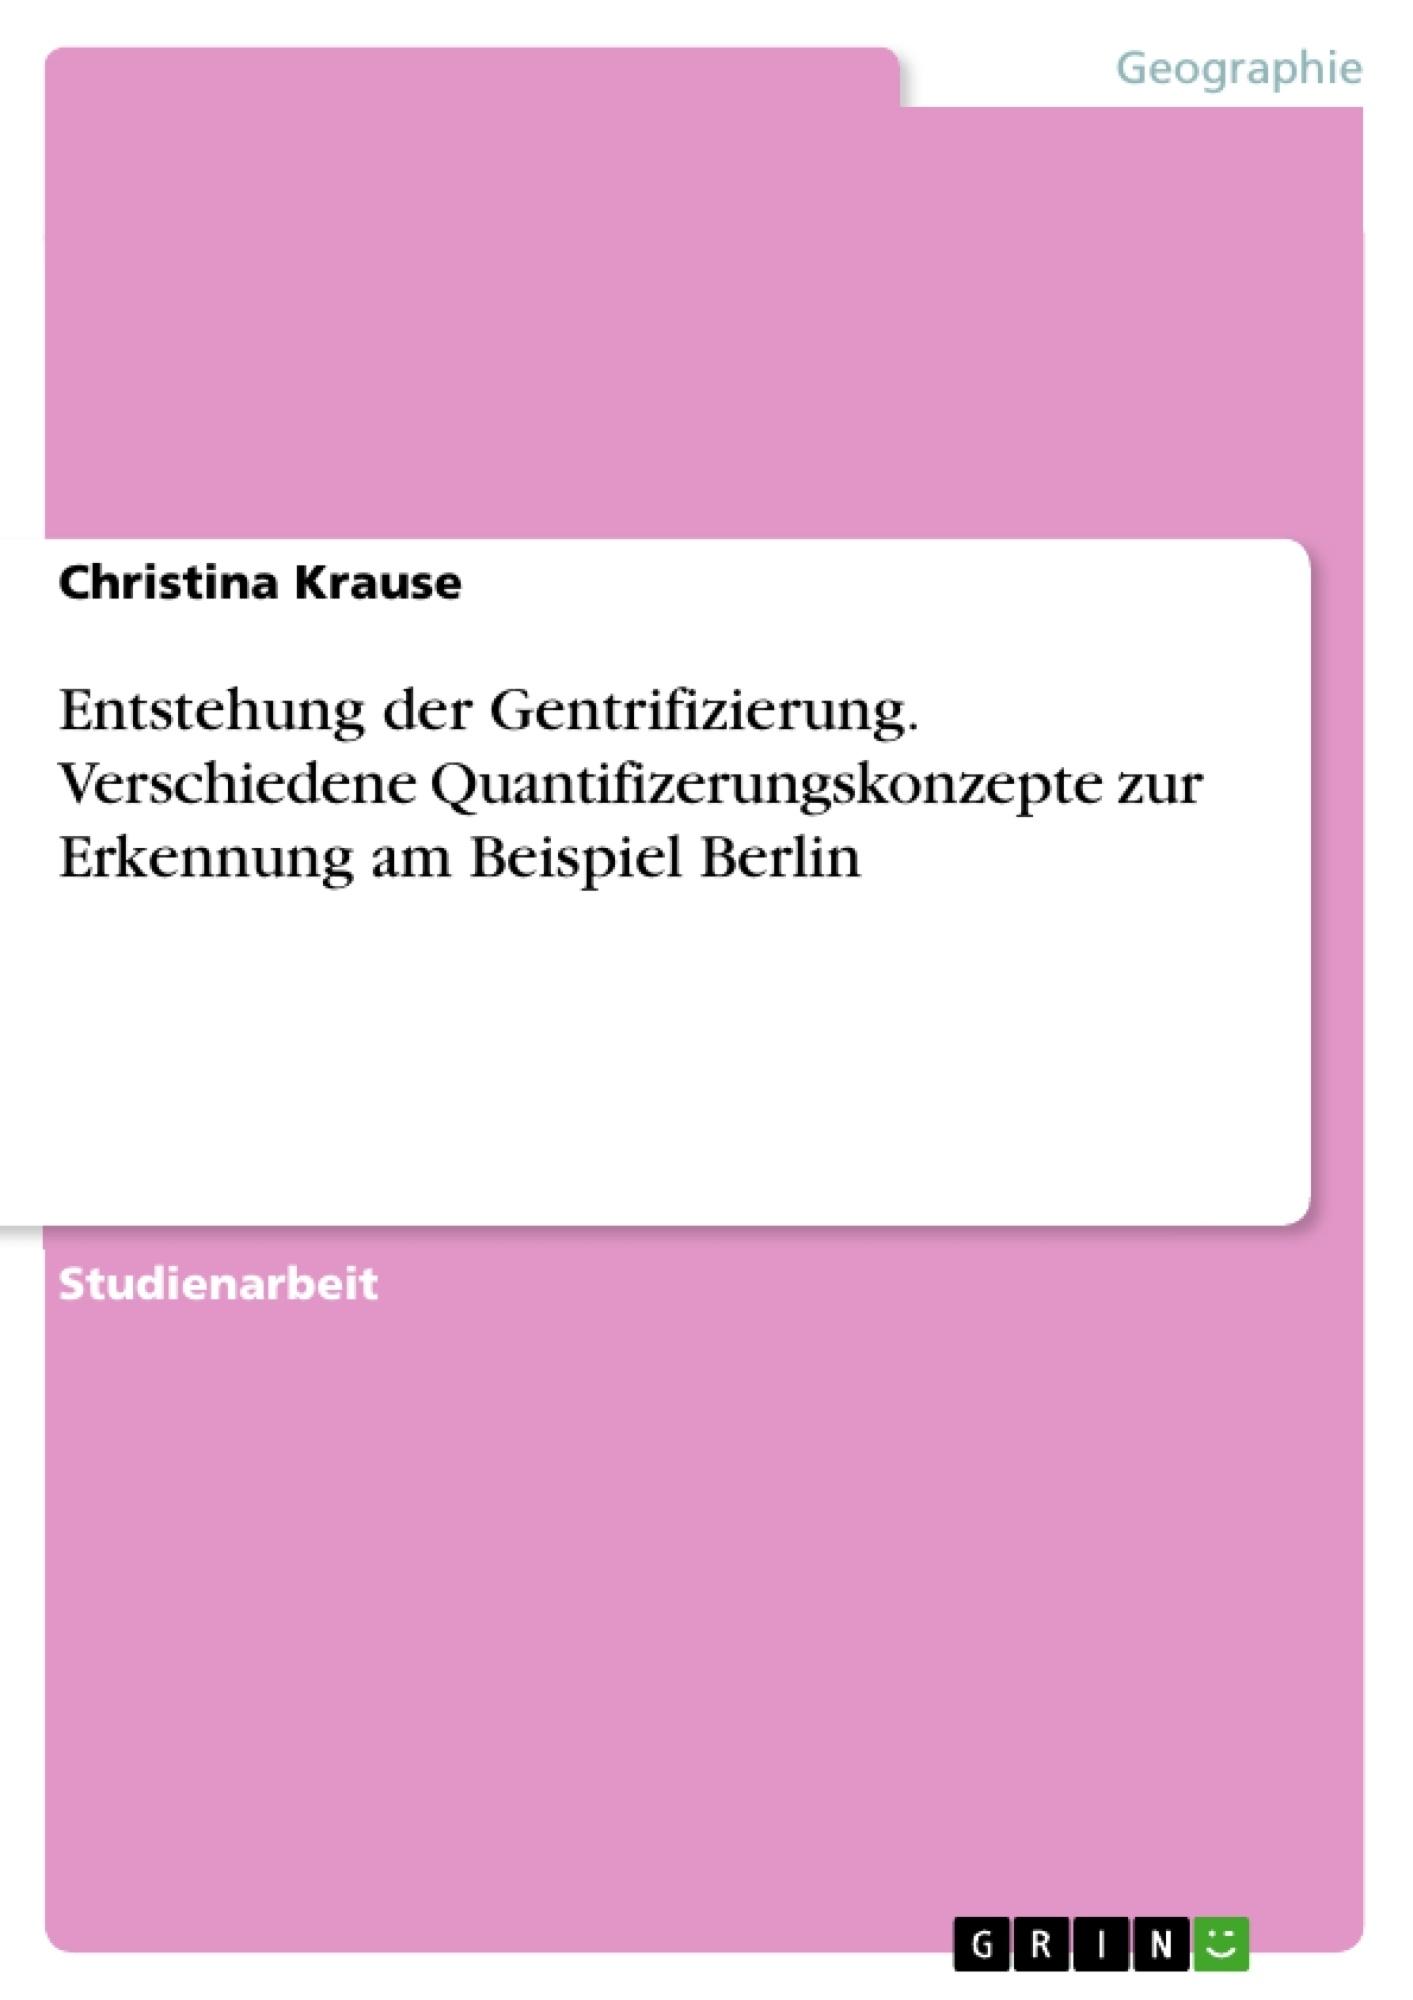 Titel: Entstehung der Gentrifizierung. Verschiedene Quantifizerungskonzepte zur Erkennung am Beispiel Berlin